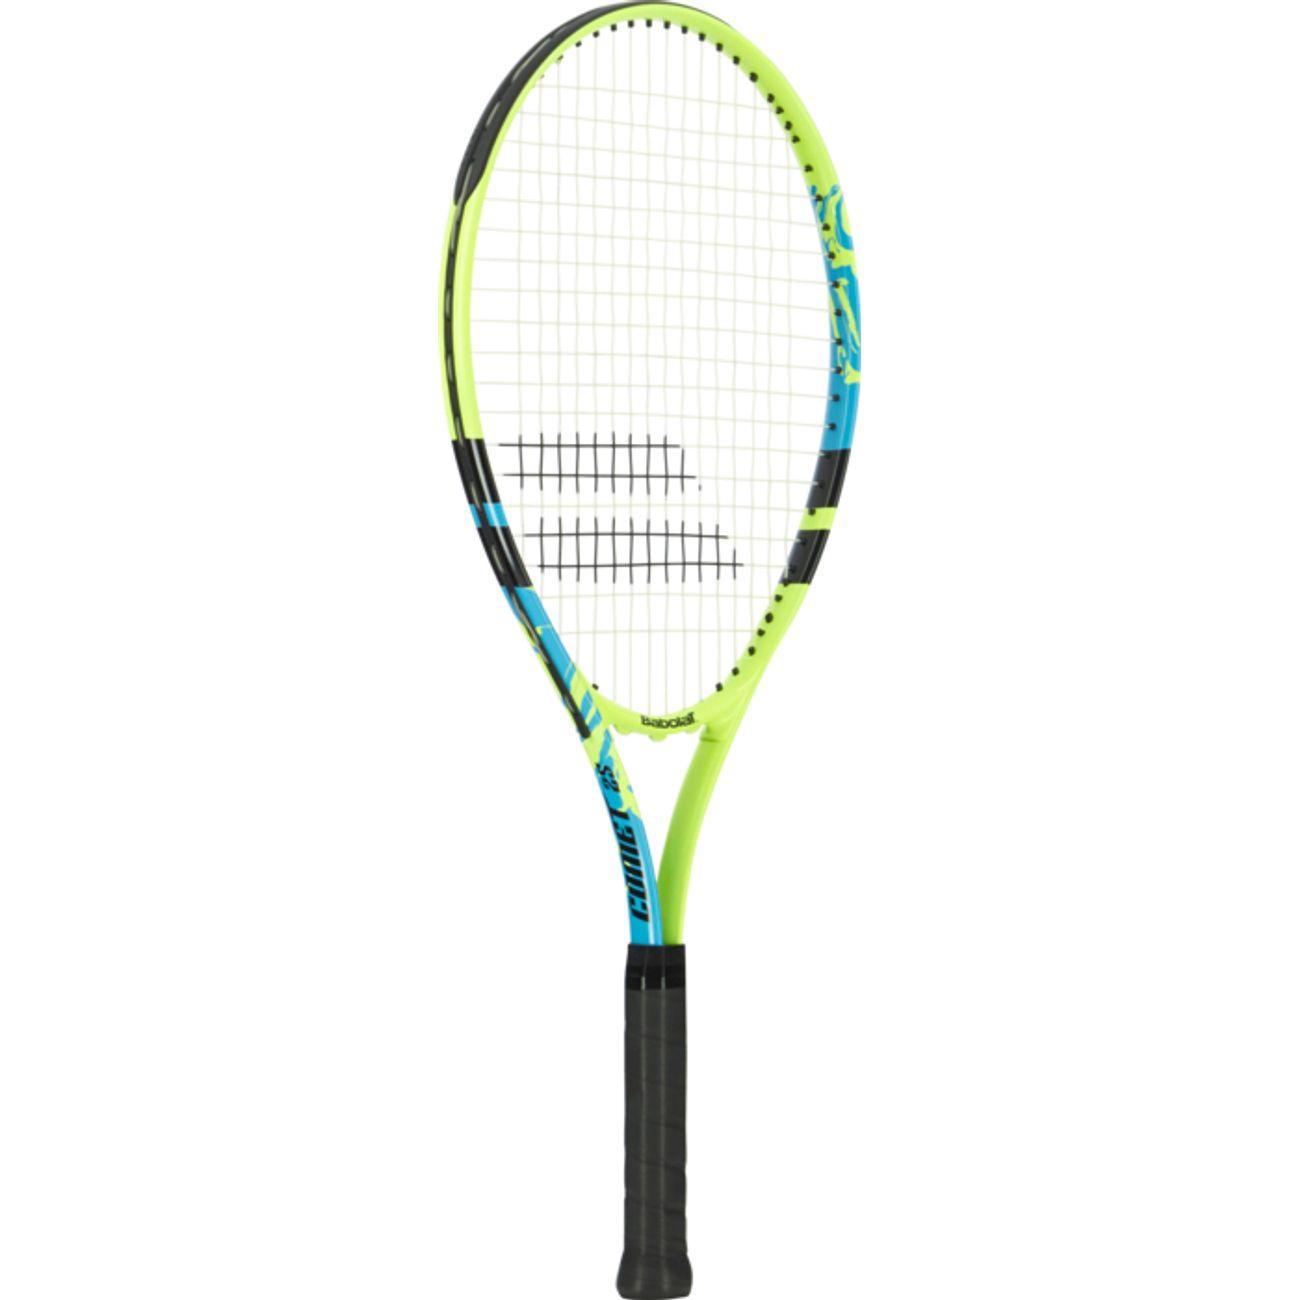 RAQUETTE Tennis enfant BABOLAT COMET 21